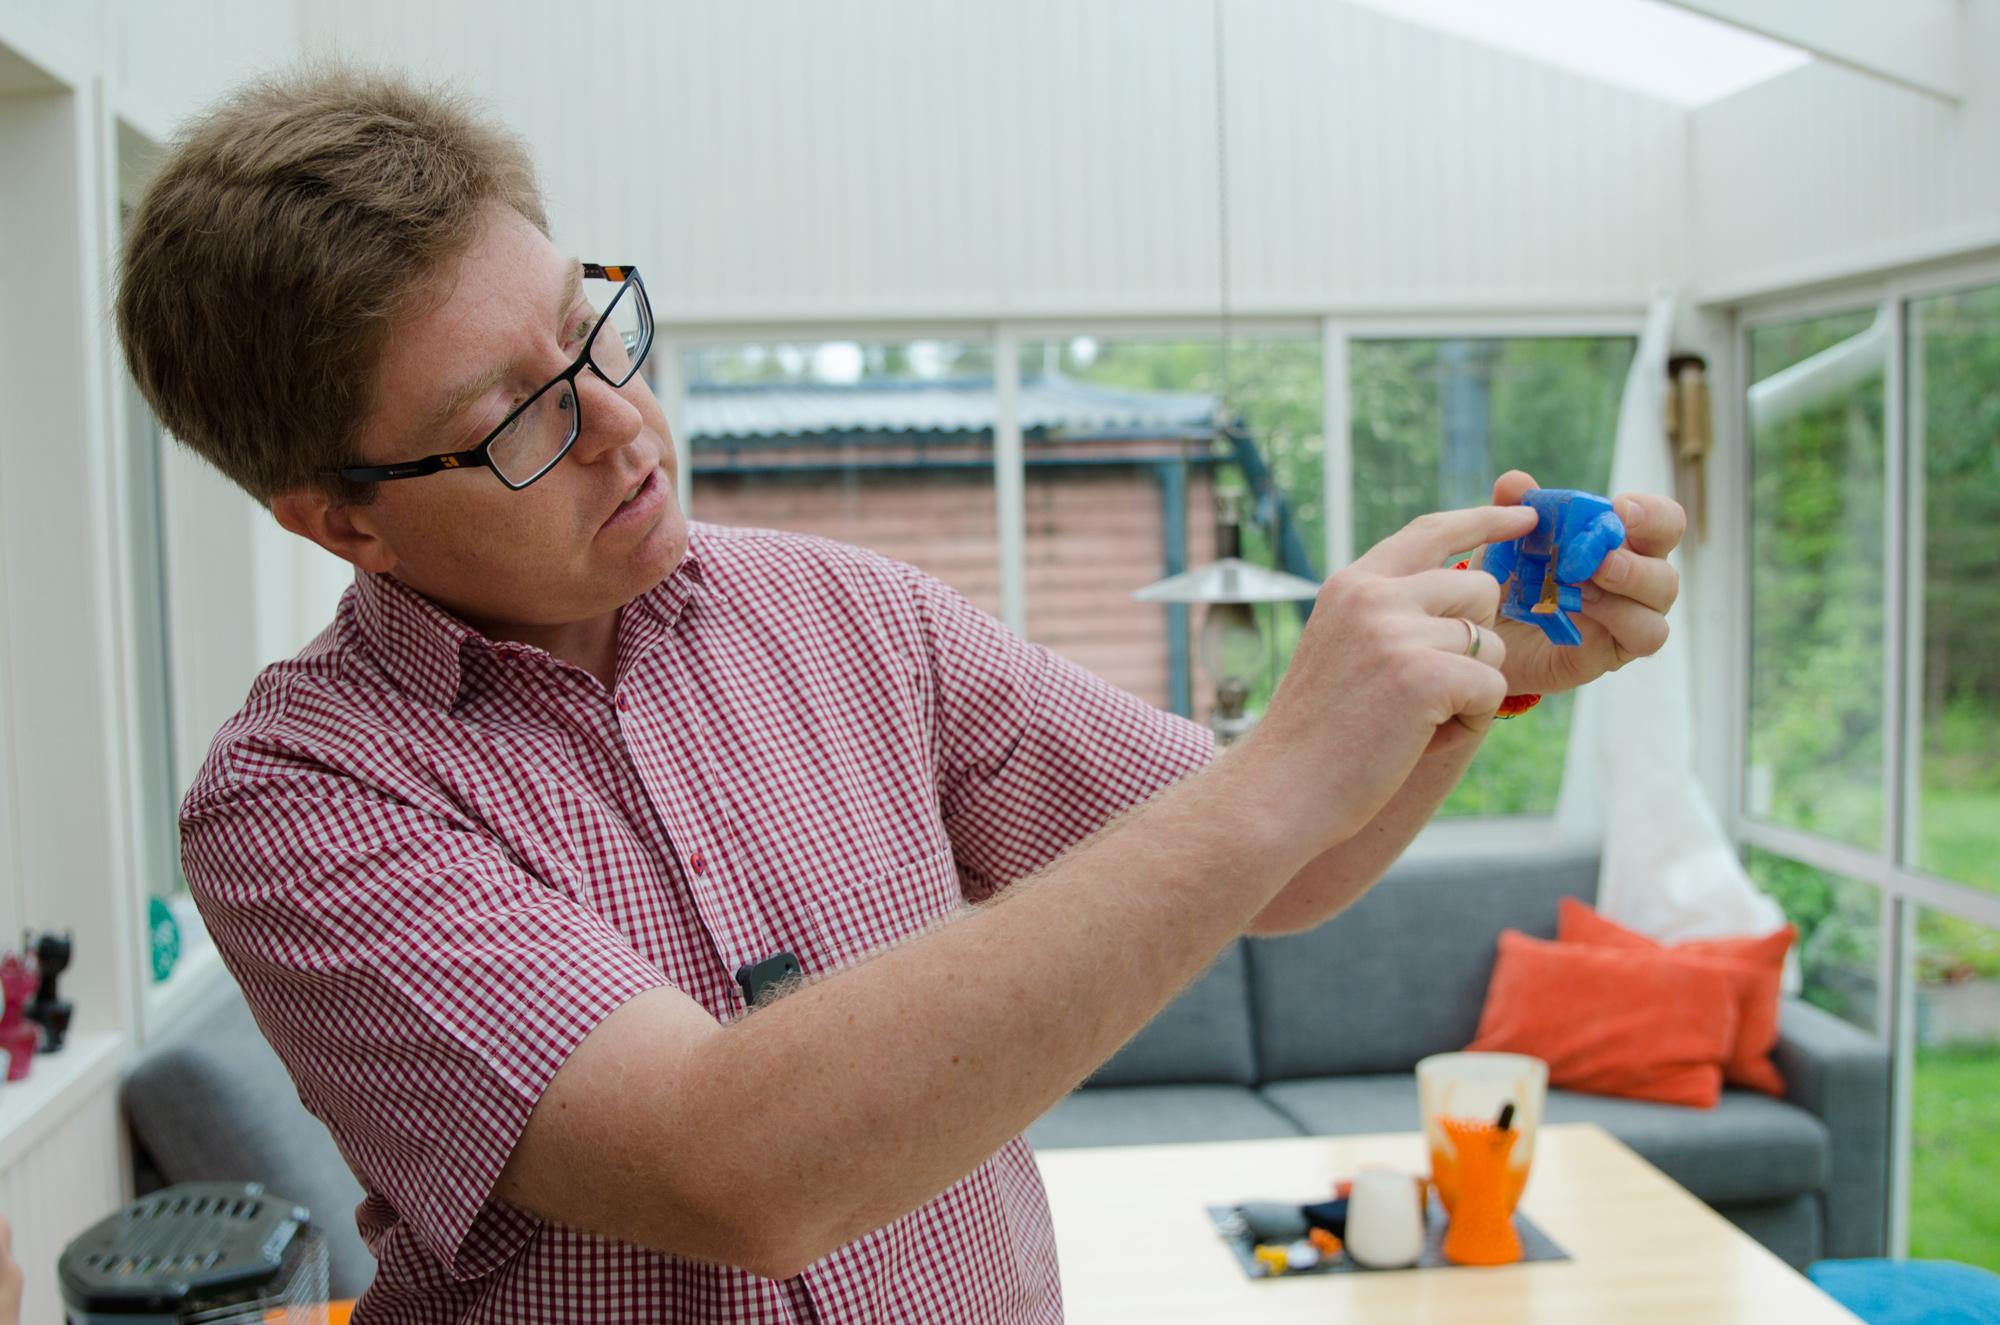 Peter Parnes förklarar hur sakerna byggs upp för att få maximal stabilitet med så lite materialåtgång som möjligt.